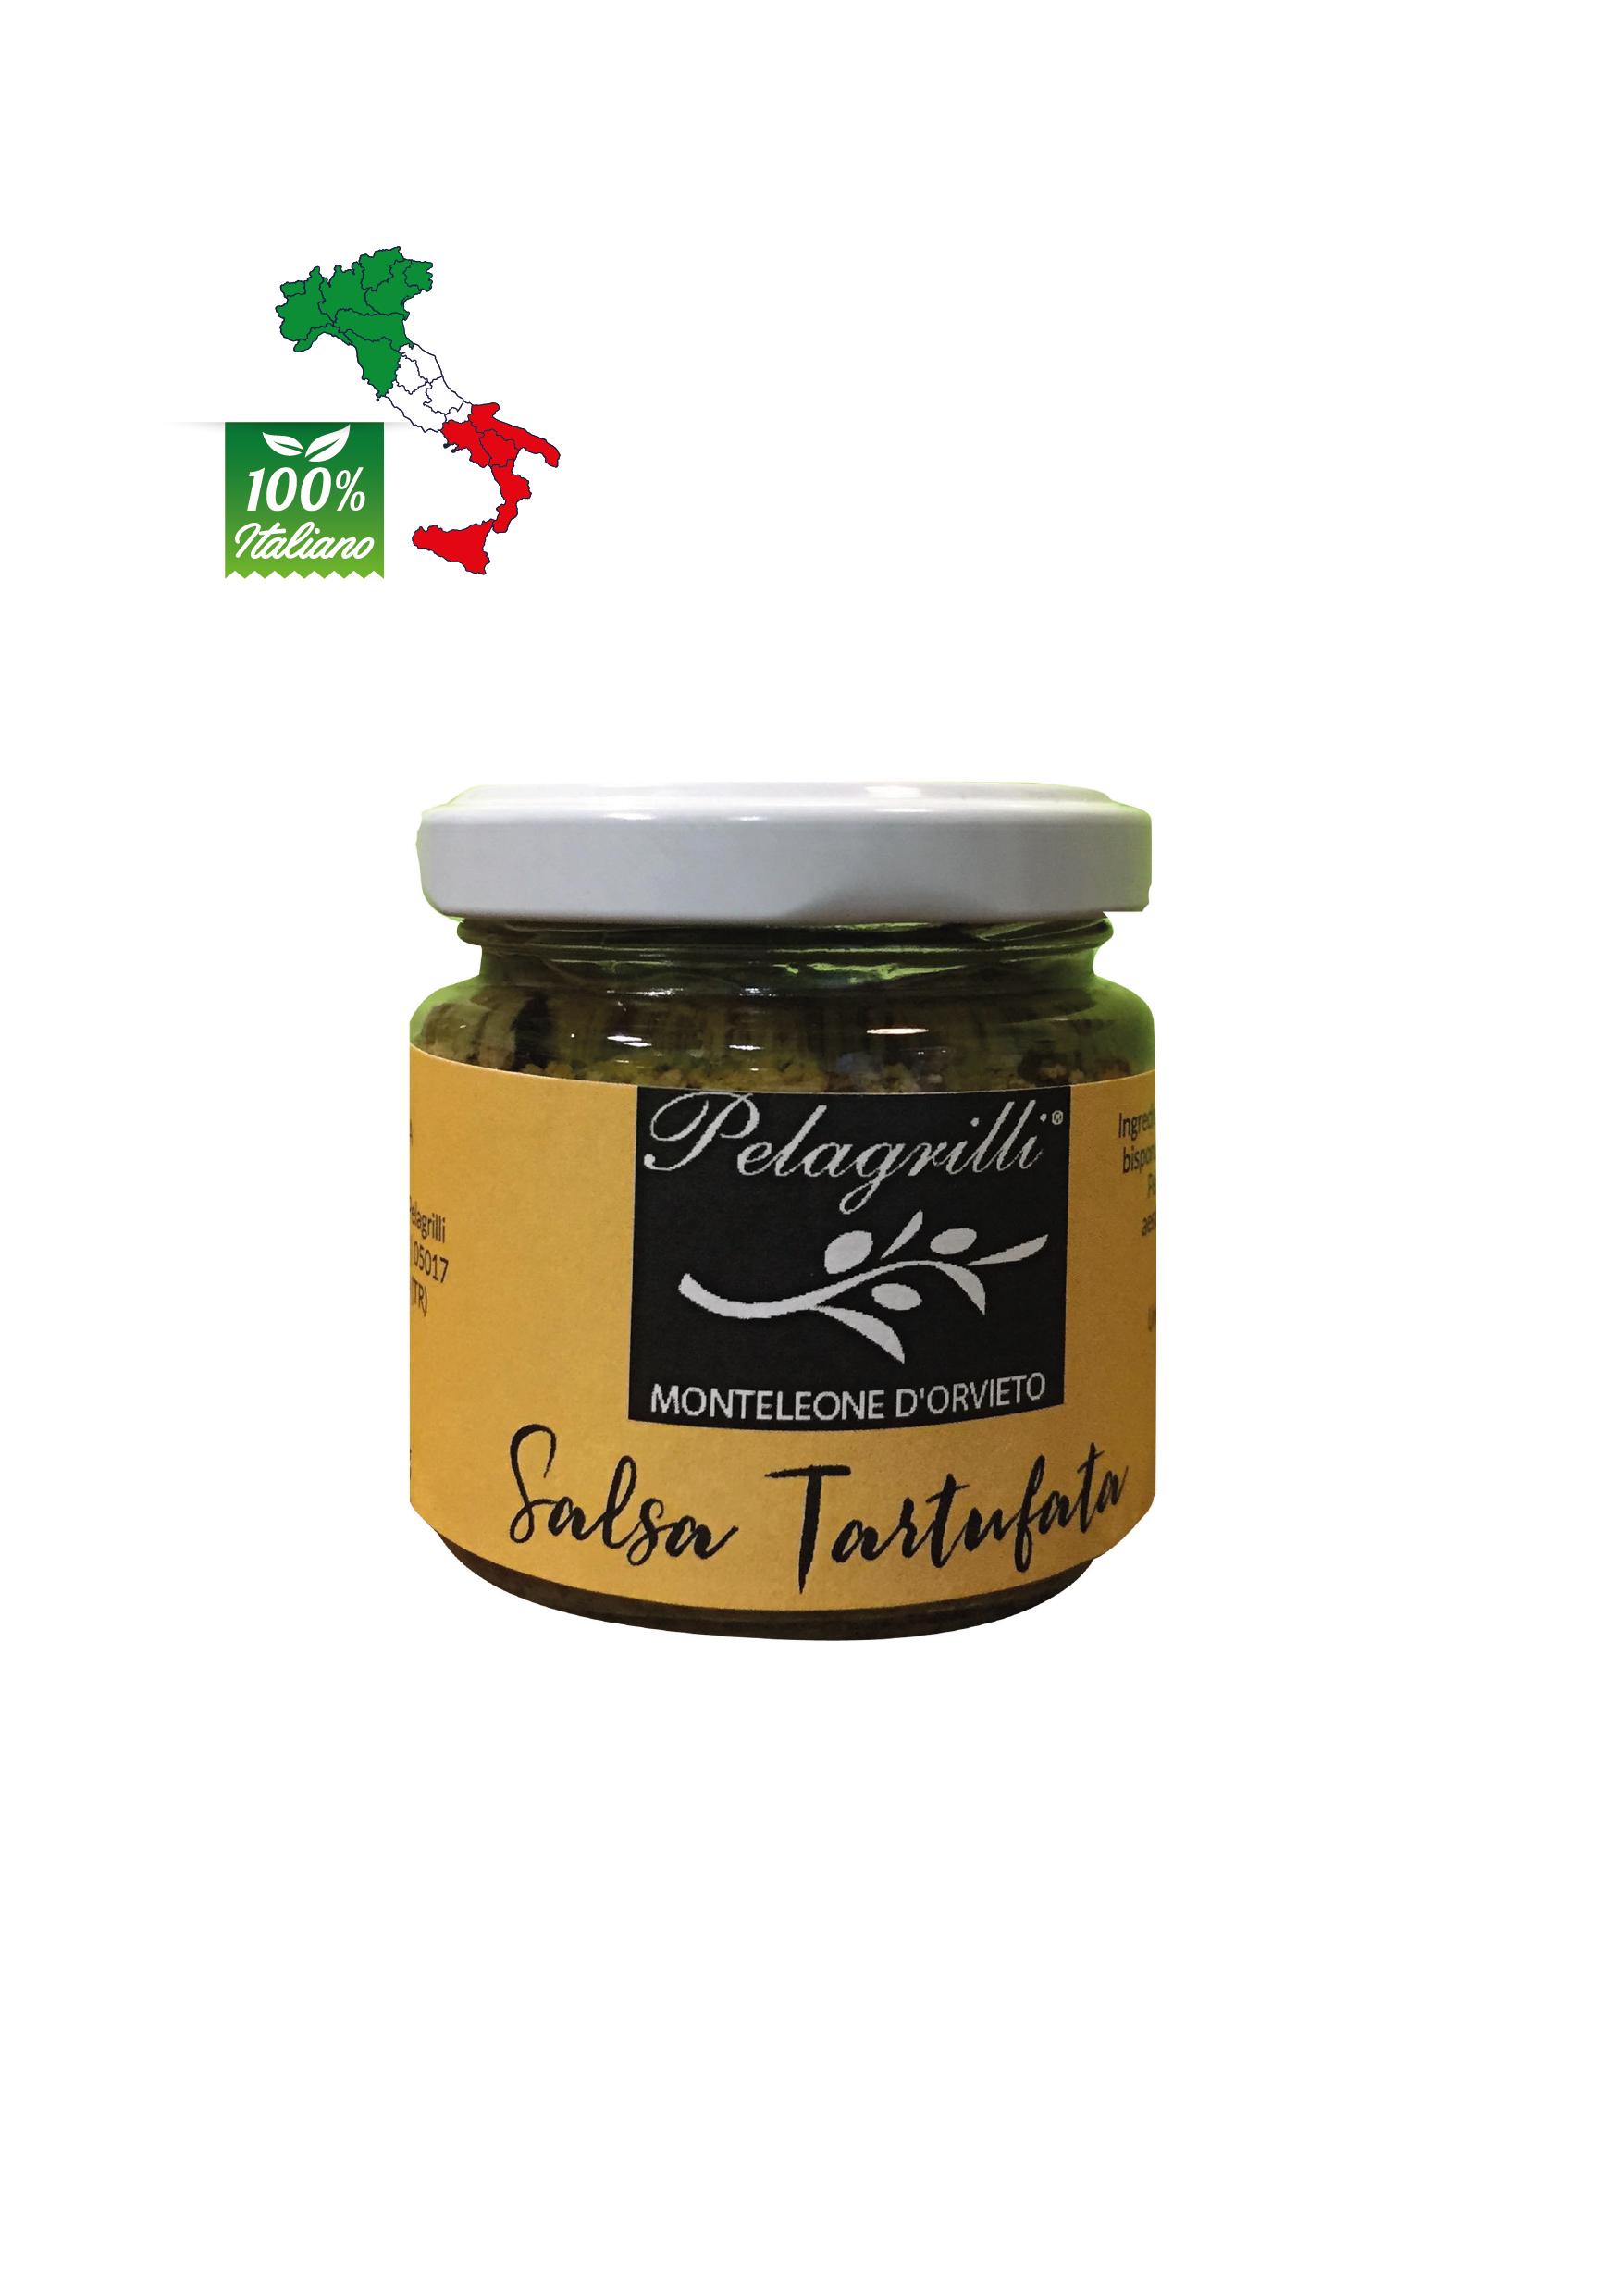 Salsa Tartufata con olio extra vergine di oliva Pelagrilli - vasetto da gr 80